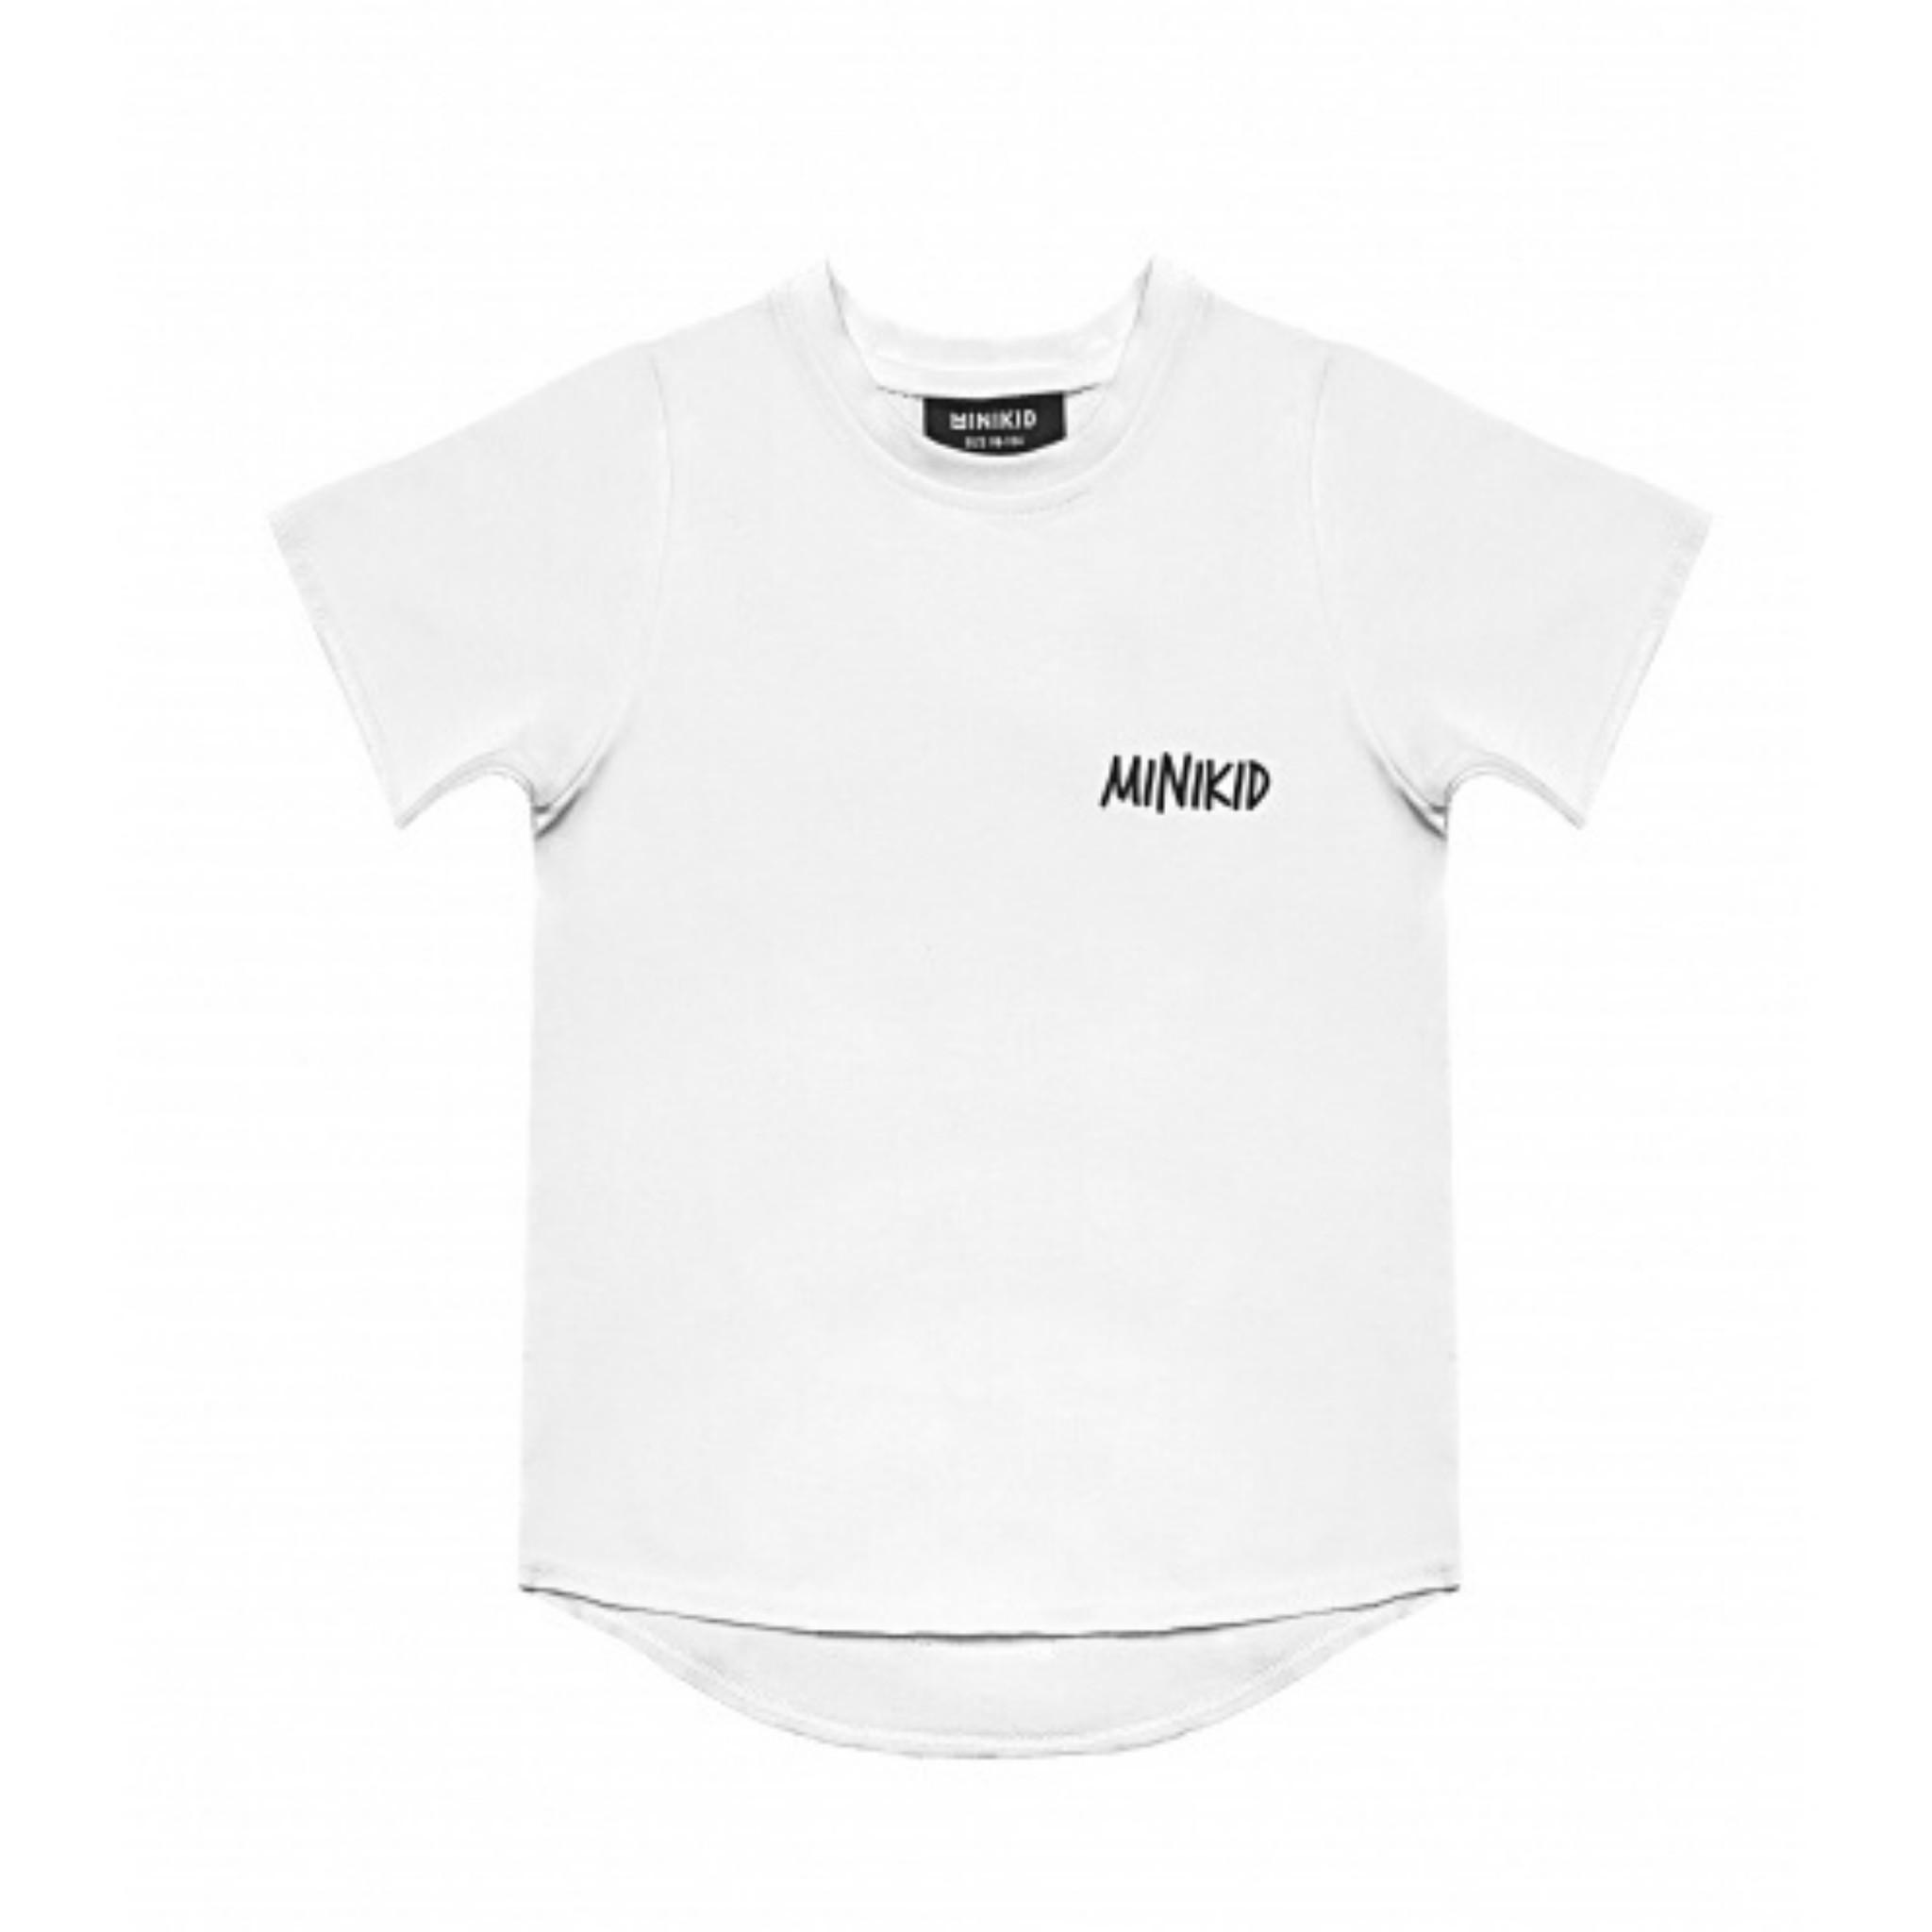 Minikid COOL T-SHIRT CHILDREN | WHITE LONGER SHIRT FOR BOYS | MINIKID